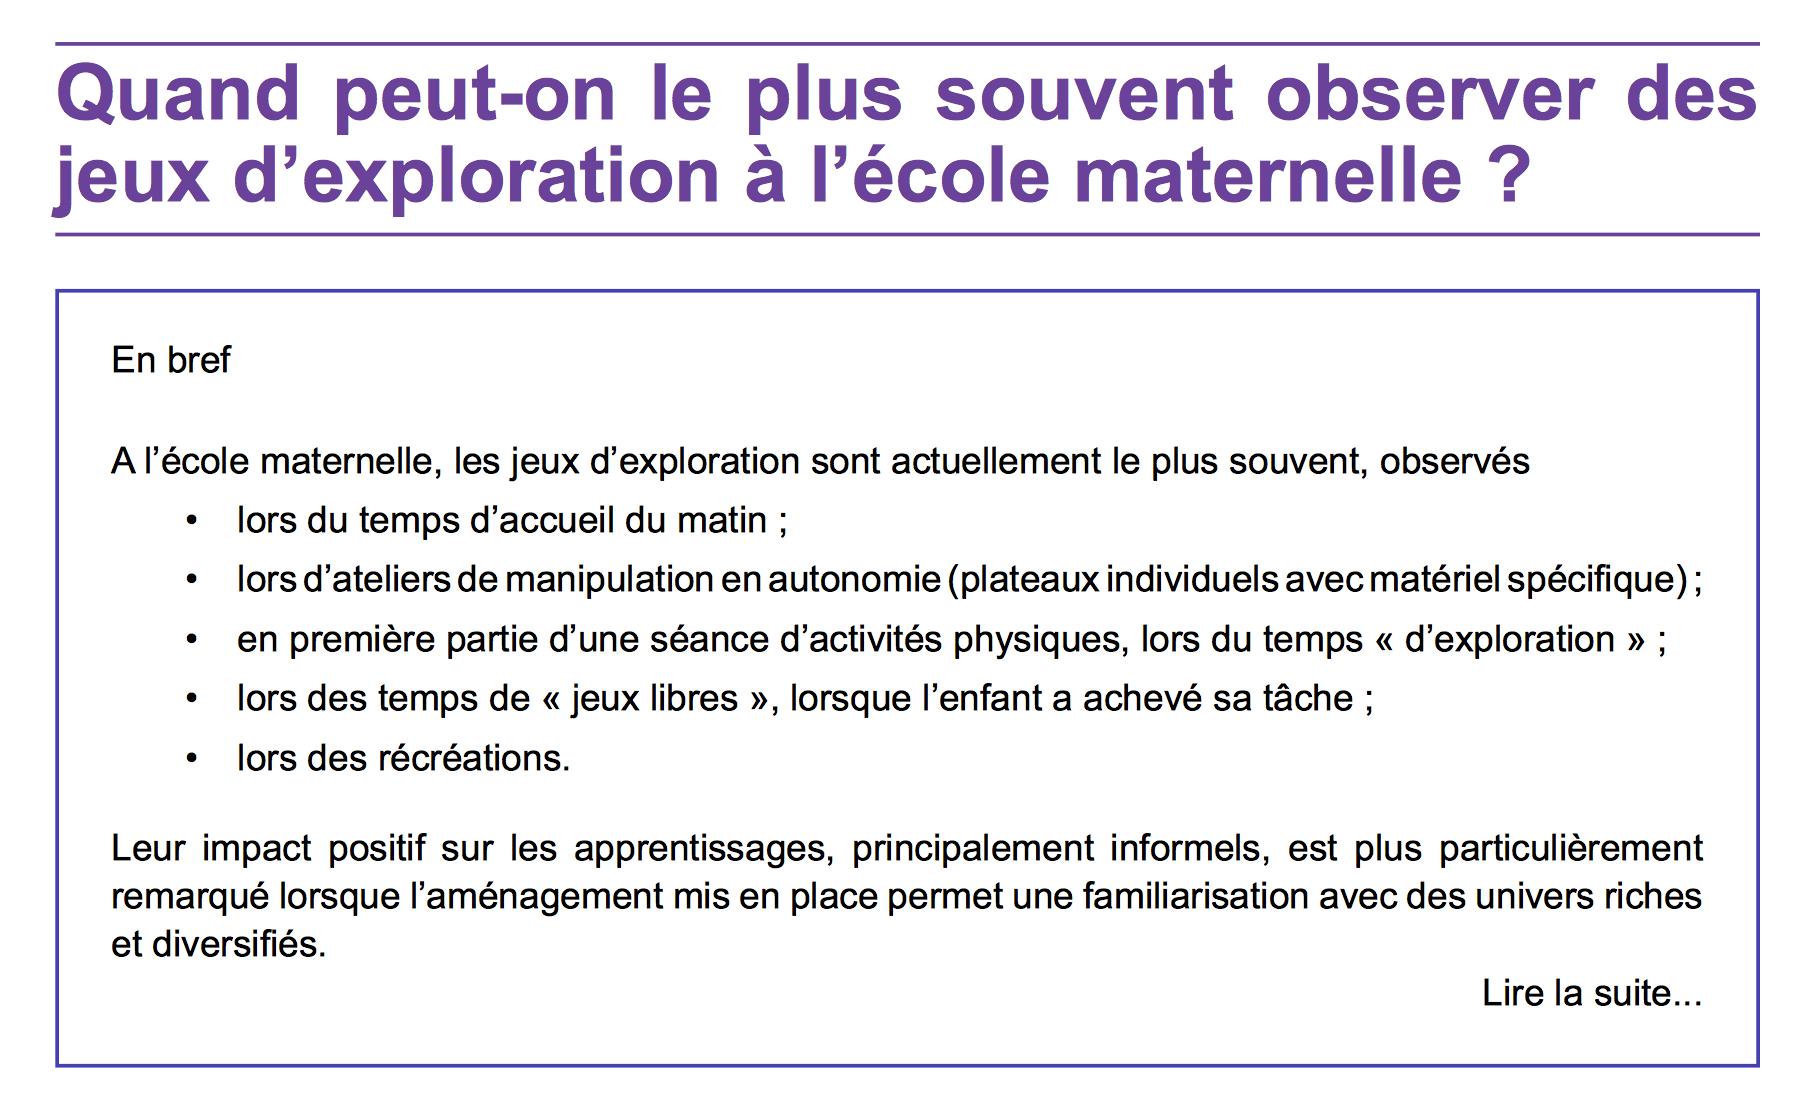 Atelier D'explorations Libres dedans Jeux Enfant Maternelle